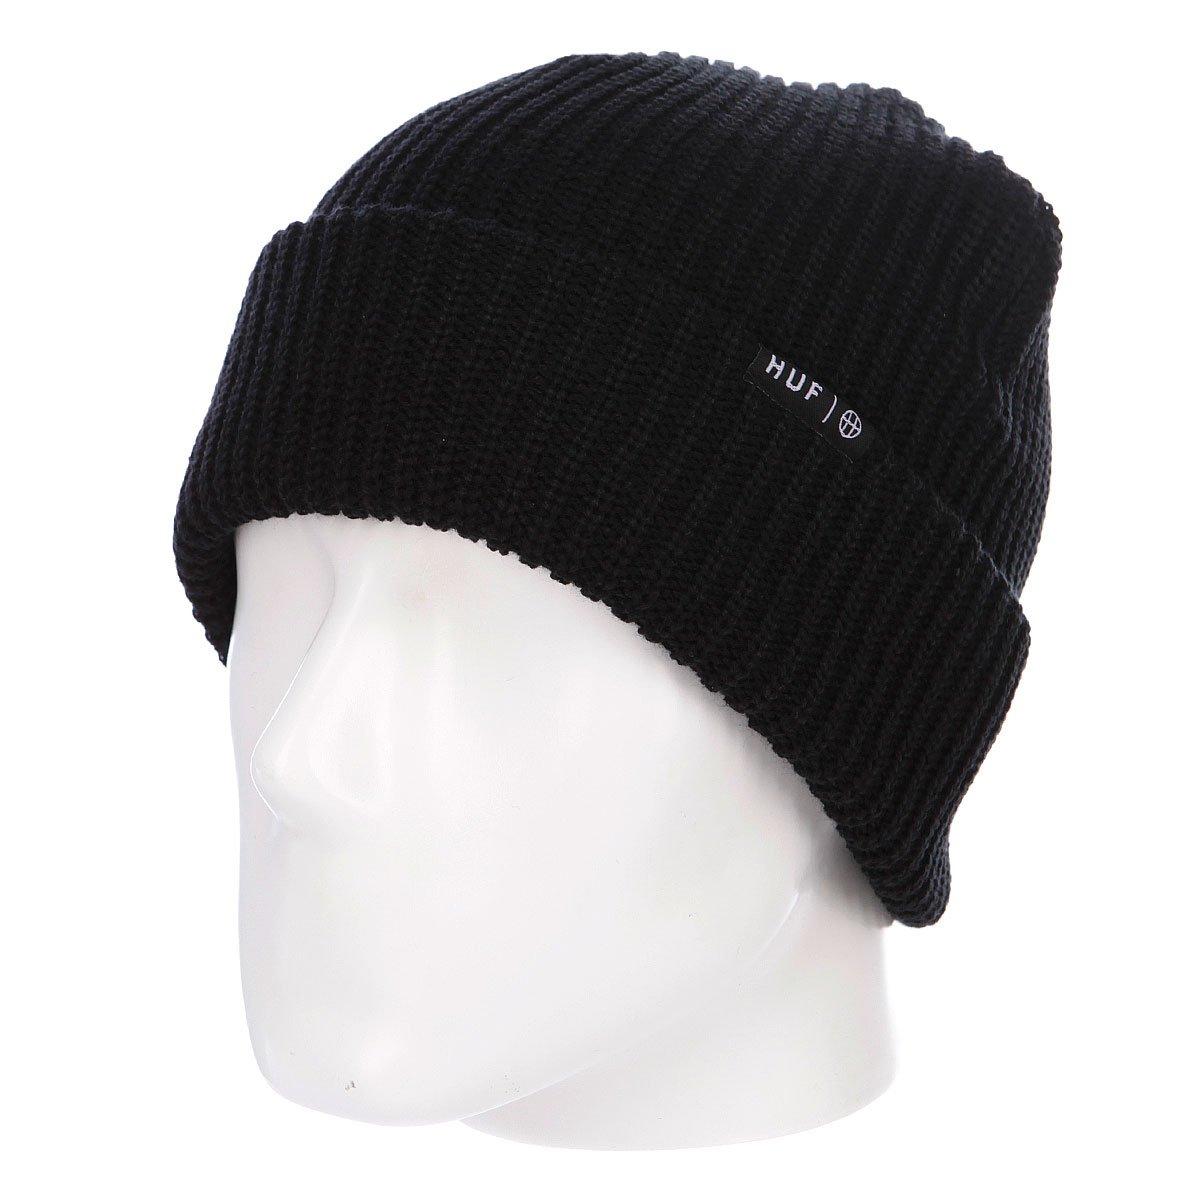 Купить шапку носок Huf Usual Beanie Black в интернет-магазине ... 5634f73349d